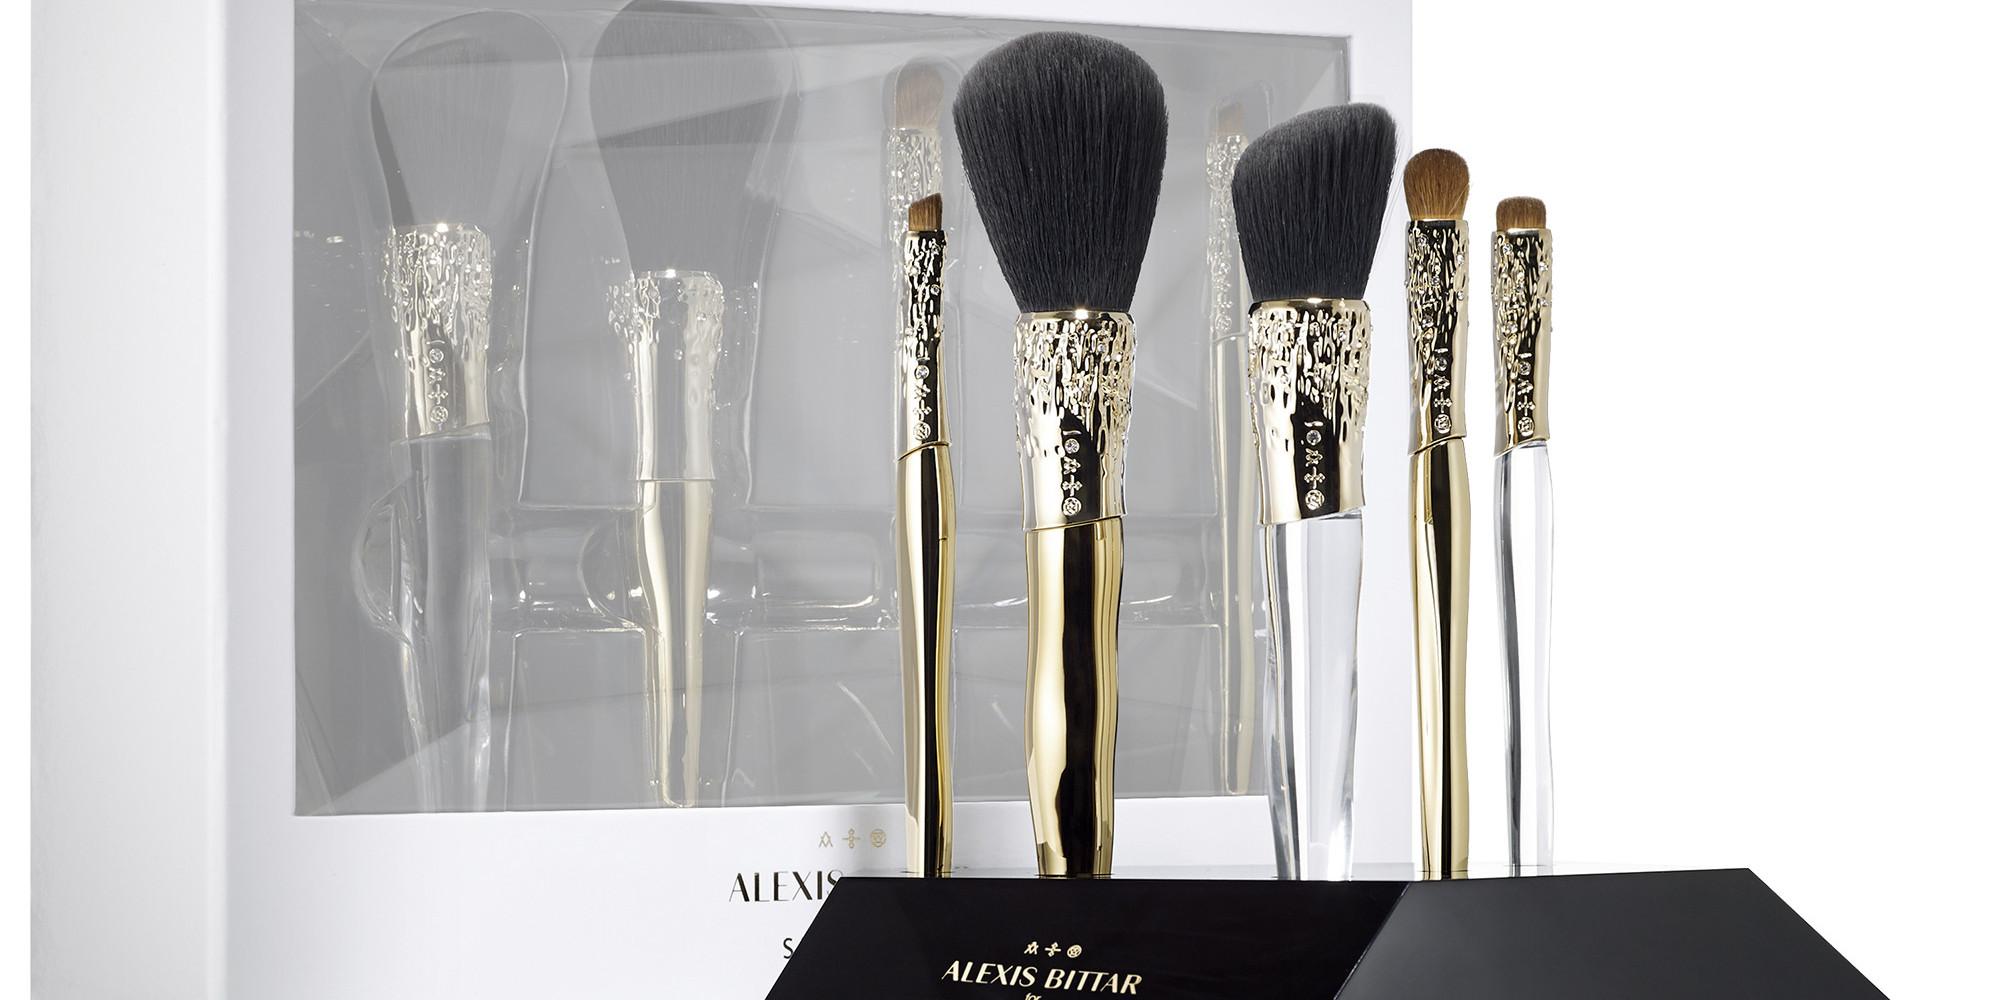 Alexis Bittar Creates The Beyoncé Of Makeup Brushes | HuffPost